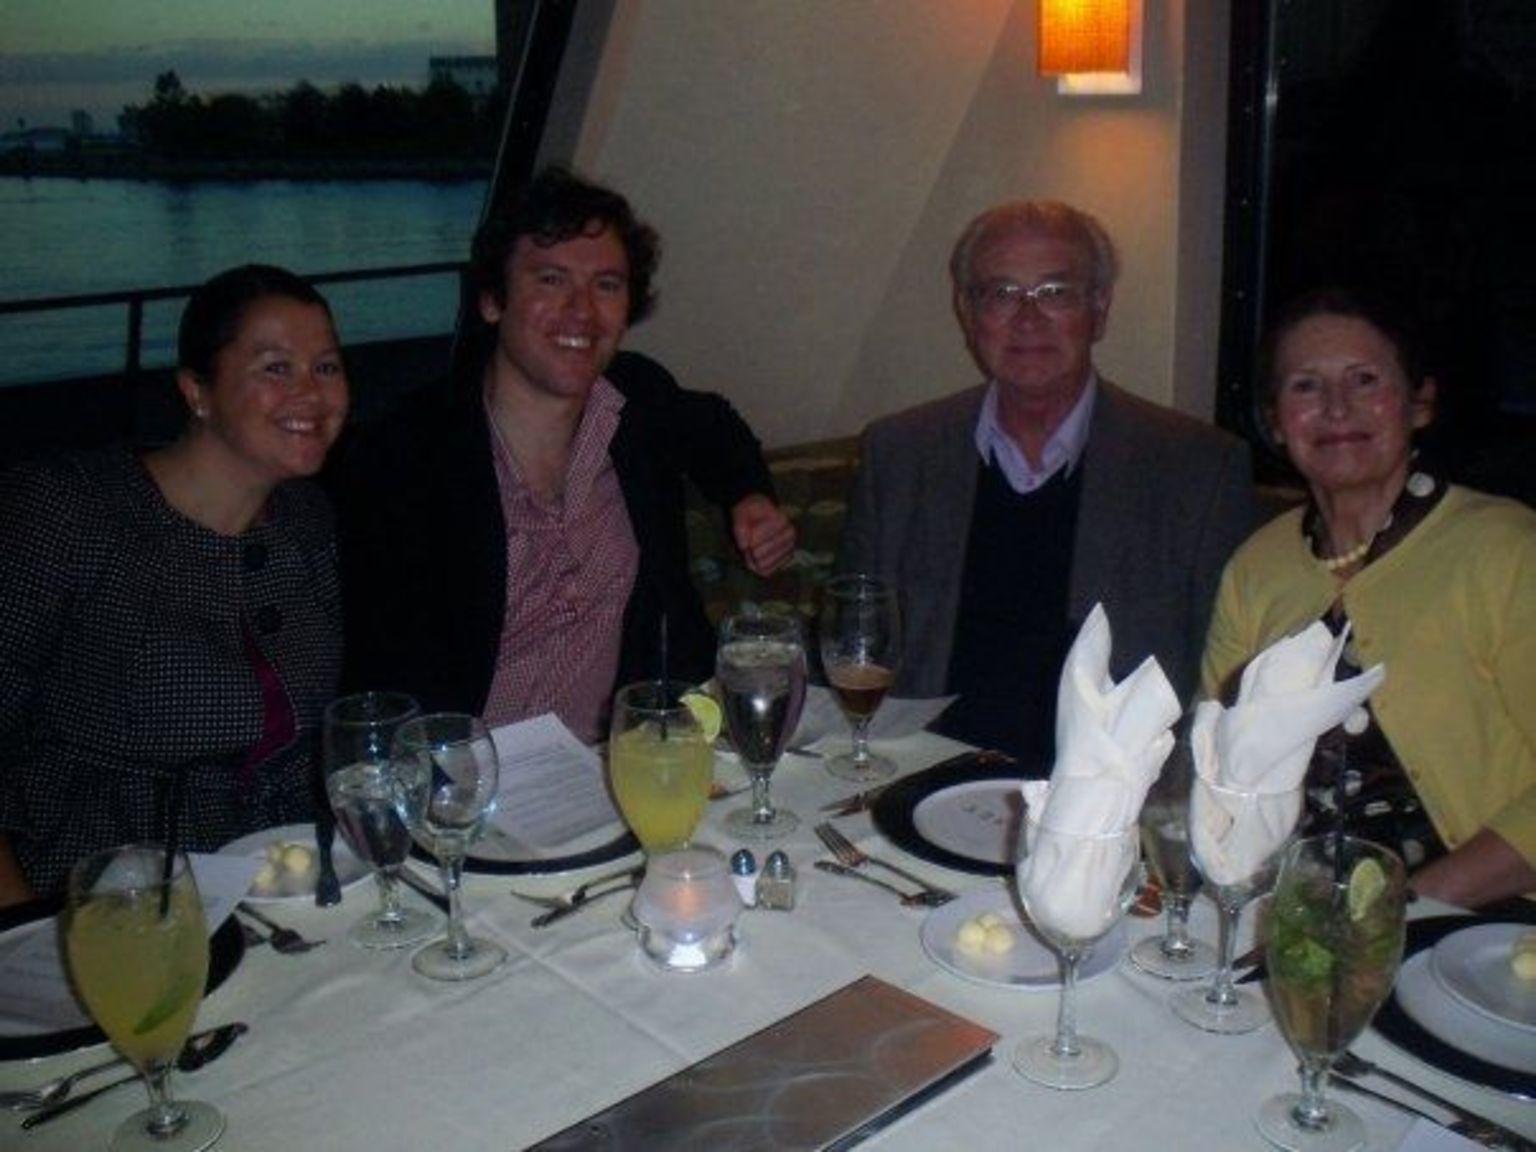 MÁS FOTOS, Crucero con cena Odyssey por Boston